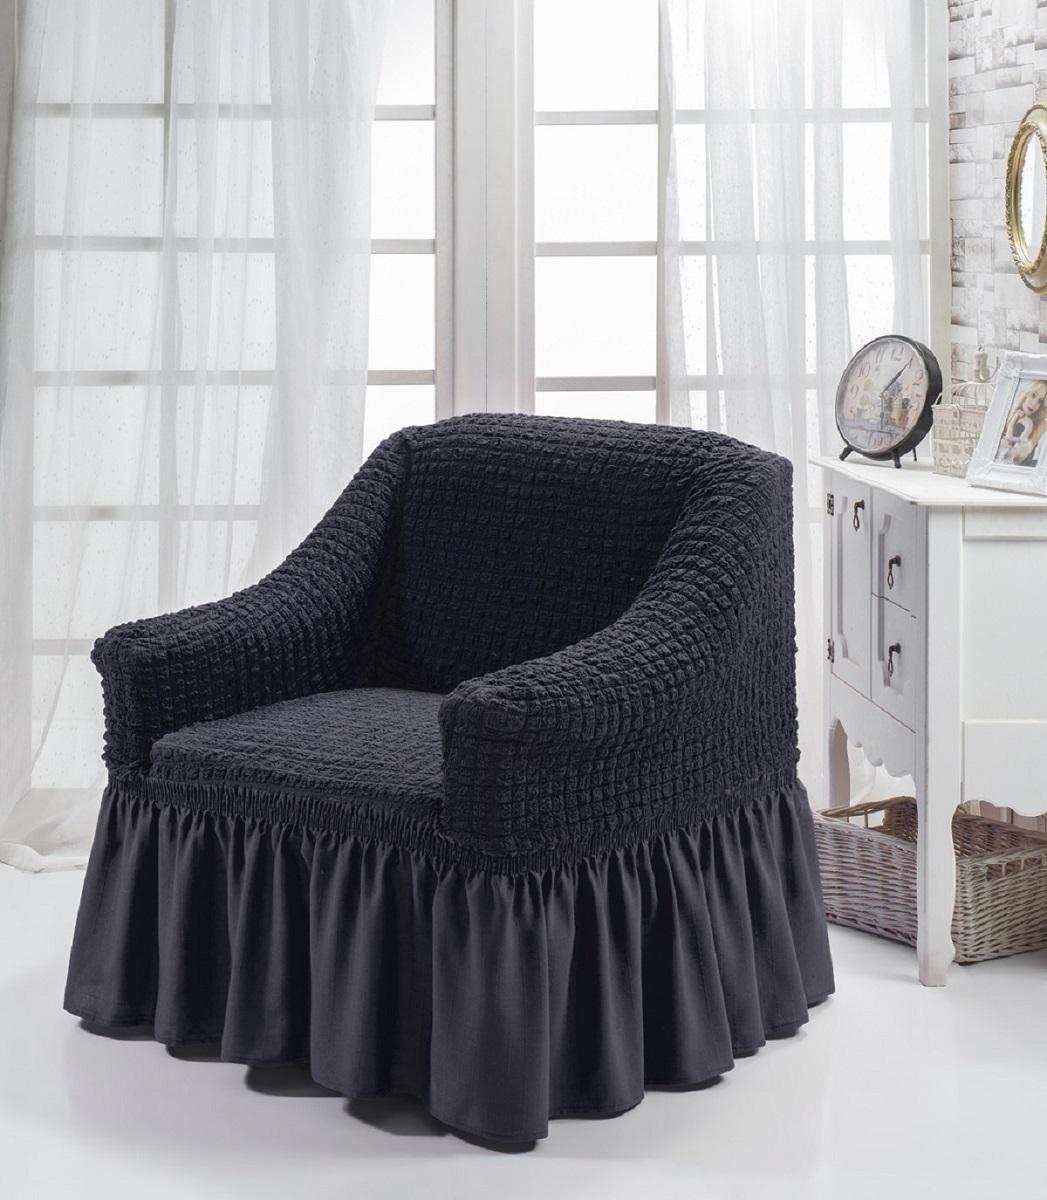 Чехол для кресла Burumcuk Bulsan, цвет: черный1797/CHAR016Чехол на стул Burumcuk выполнен из высококачественного полиэстера и хлопка с красивым рельефом. Закрепляется на стул при помощи резинки и веревок. Предназначен для классического стула со спинкой. Такой чехол изысканно дополнит интерьер вашего дома. Ширина и глубина посадочного места: 70-80 см. Высота спинки от посадочного места: 70-80 см. Высота подлокотников: 35-45 см. Ширина подлокотников: 25-35 см. Высота юбки: 35 см.